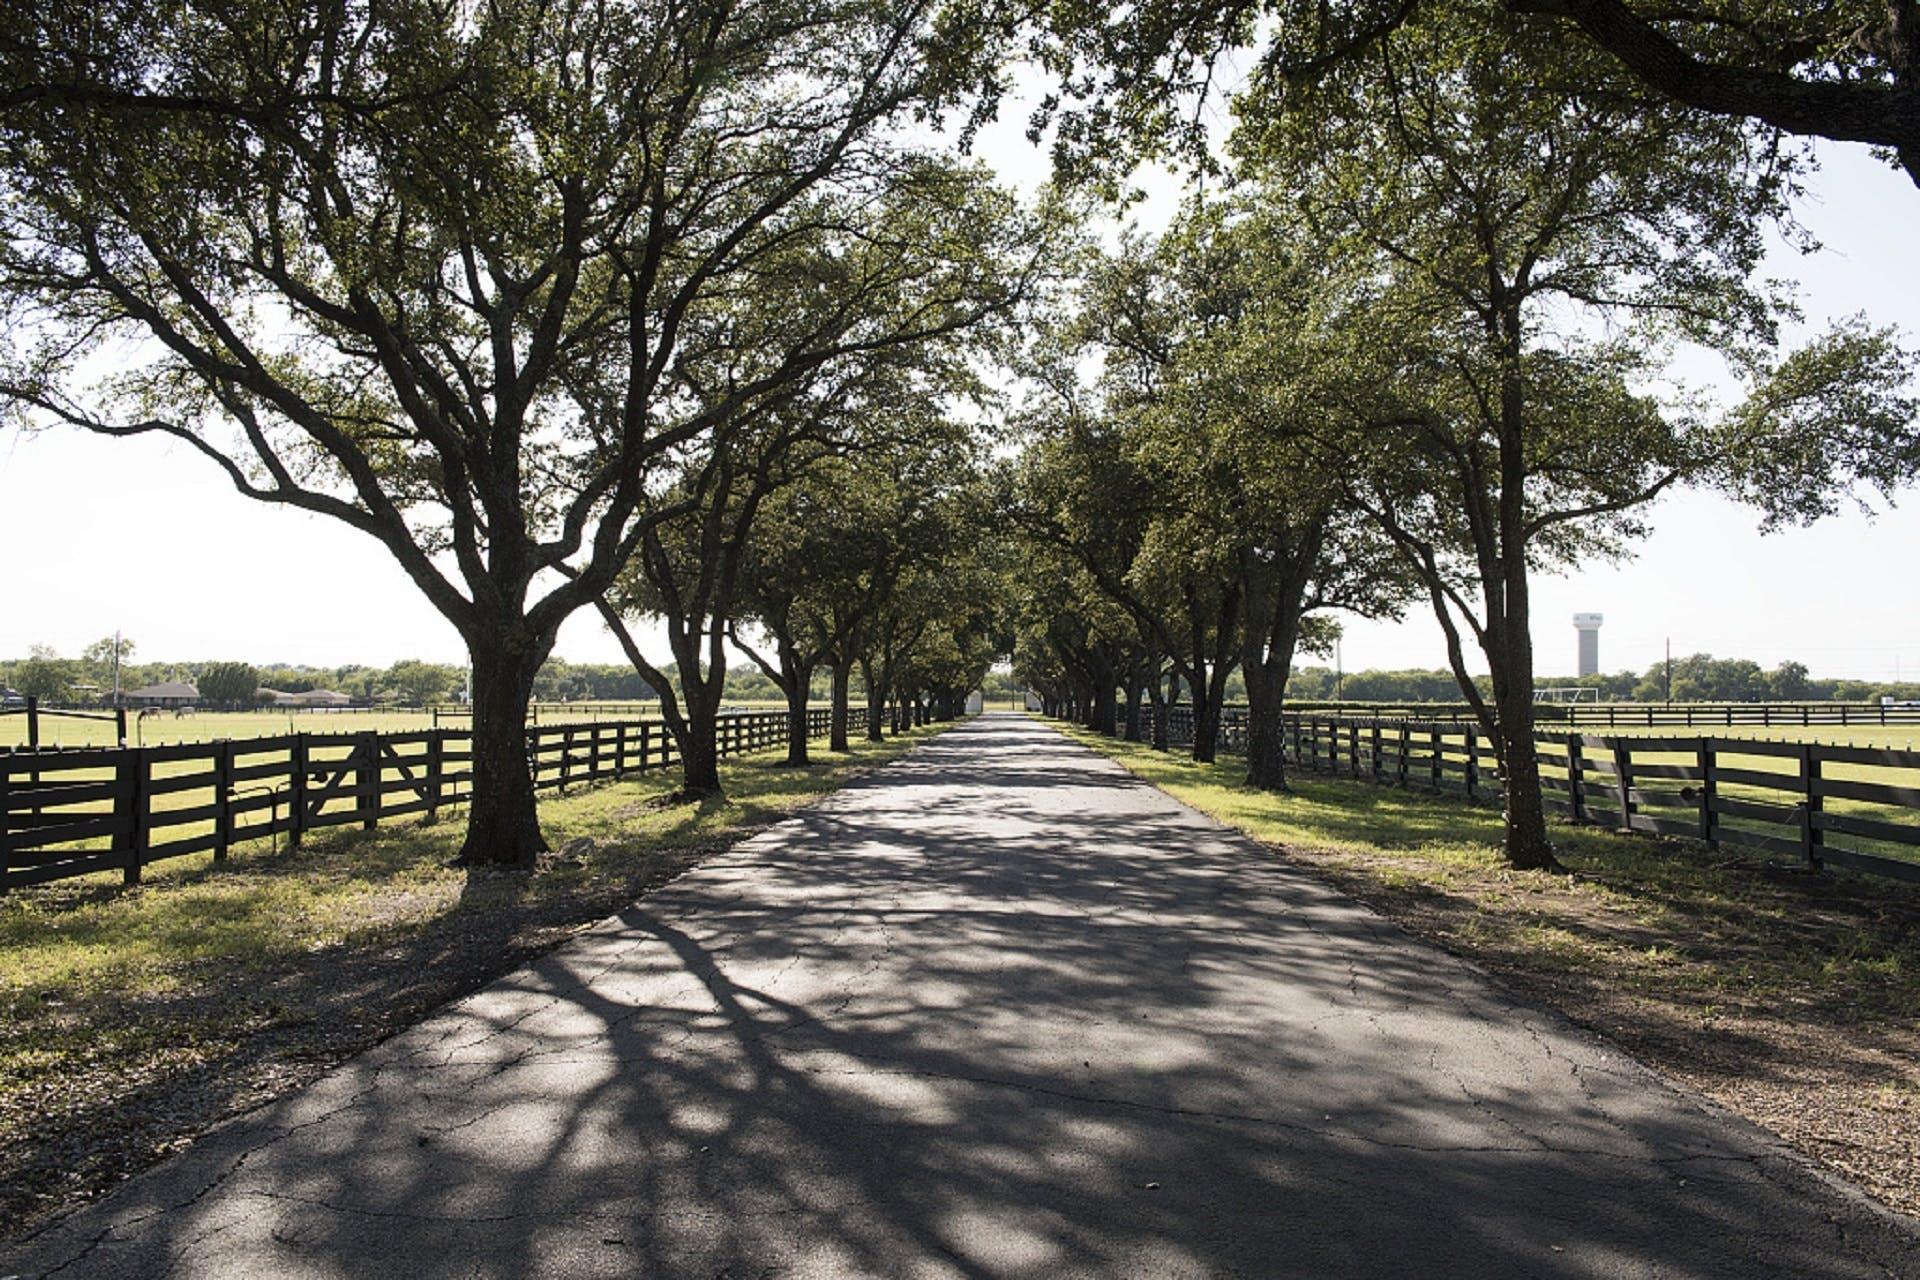 Fotos de stock gratuitas de arboles, asfaltar, asfalto, calzada